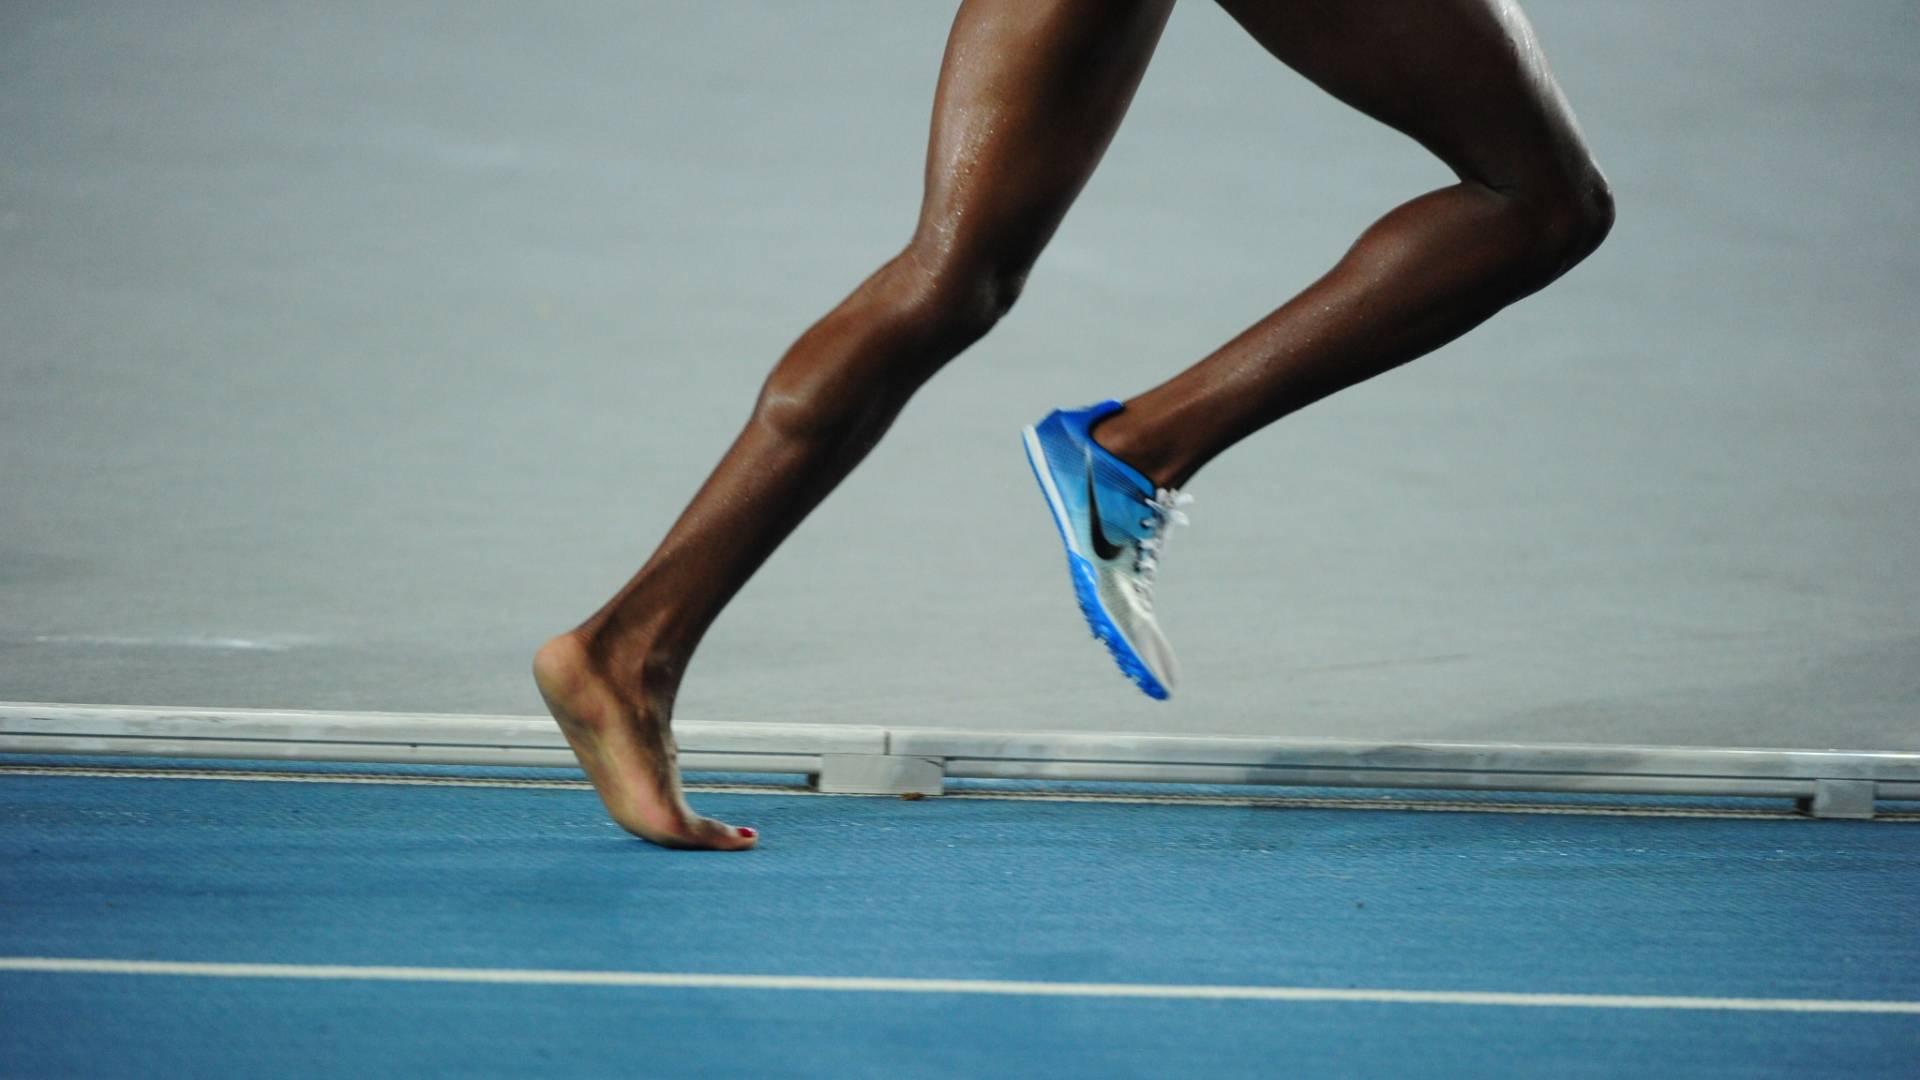 Atleta queniana Mercy Wanjiku Njoroge corre os 3.000 m com obstáculos tendo um pé descalço depois de perder sapatilha no Mundial de Daegu (30/08/2011)